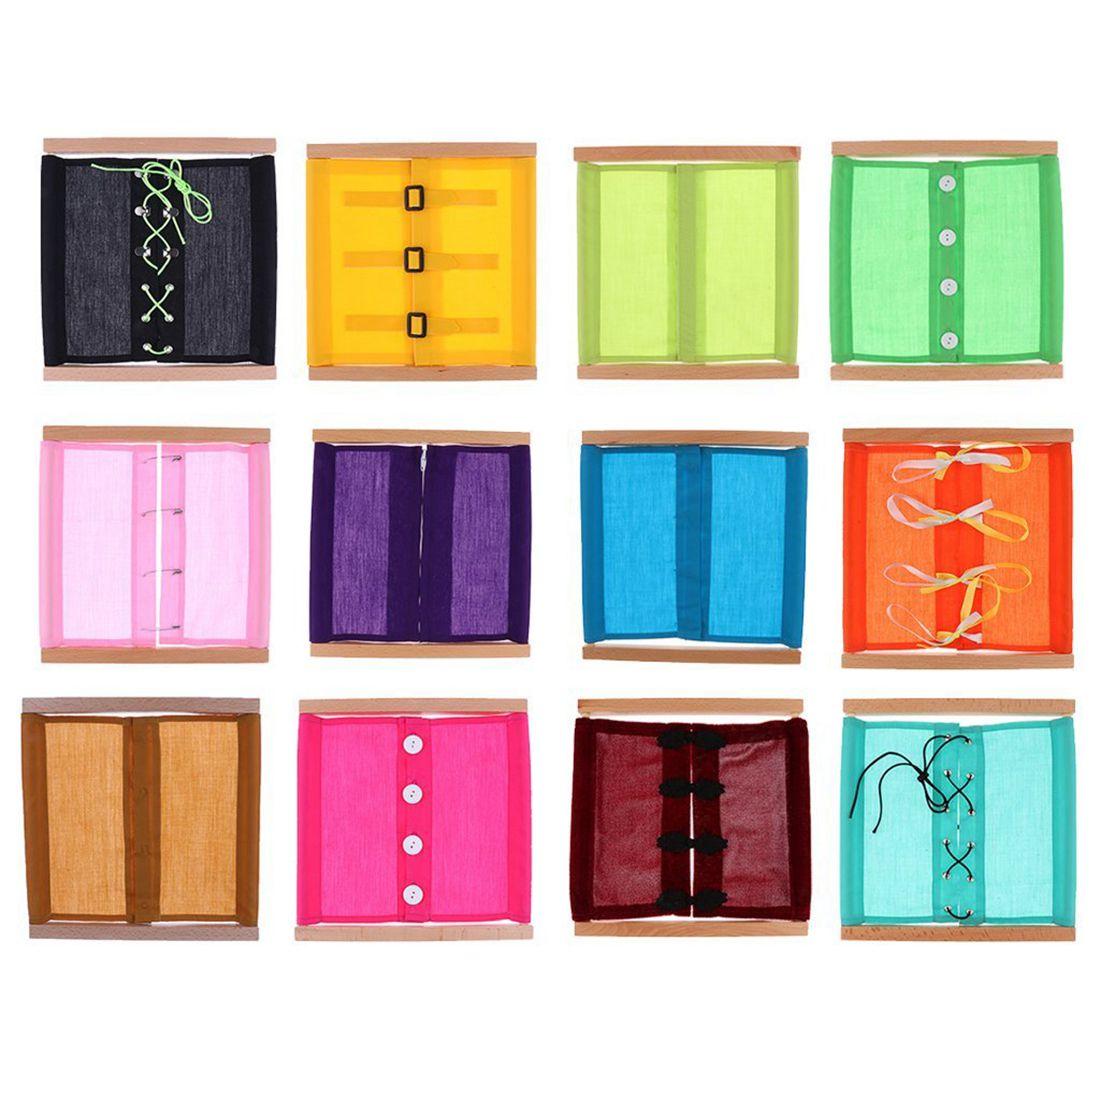 12 pièces Montessori équipement vie pratique éducation préscolaire enfants en bois jouet